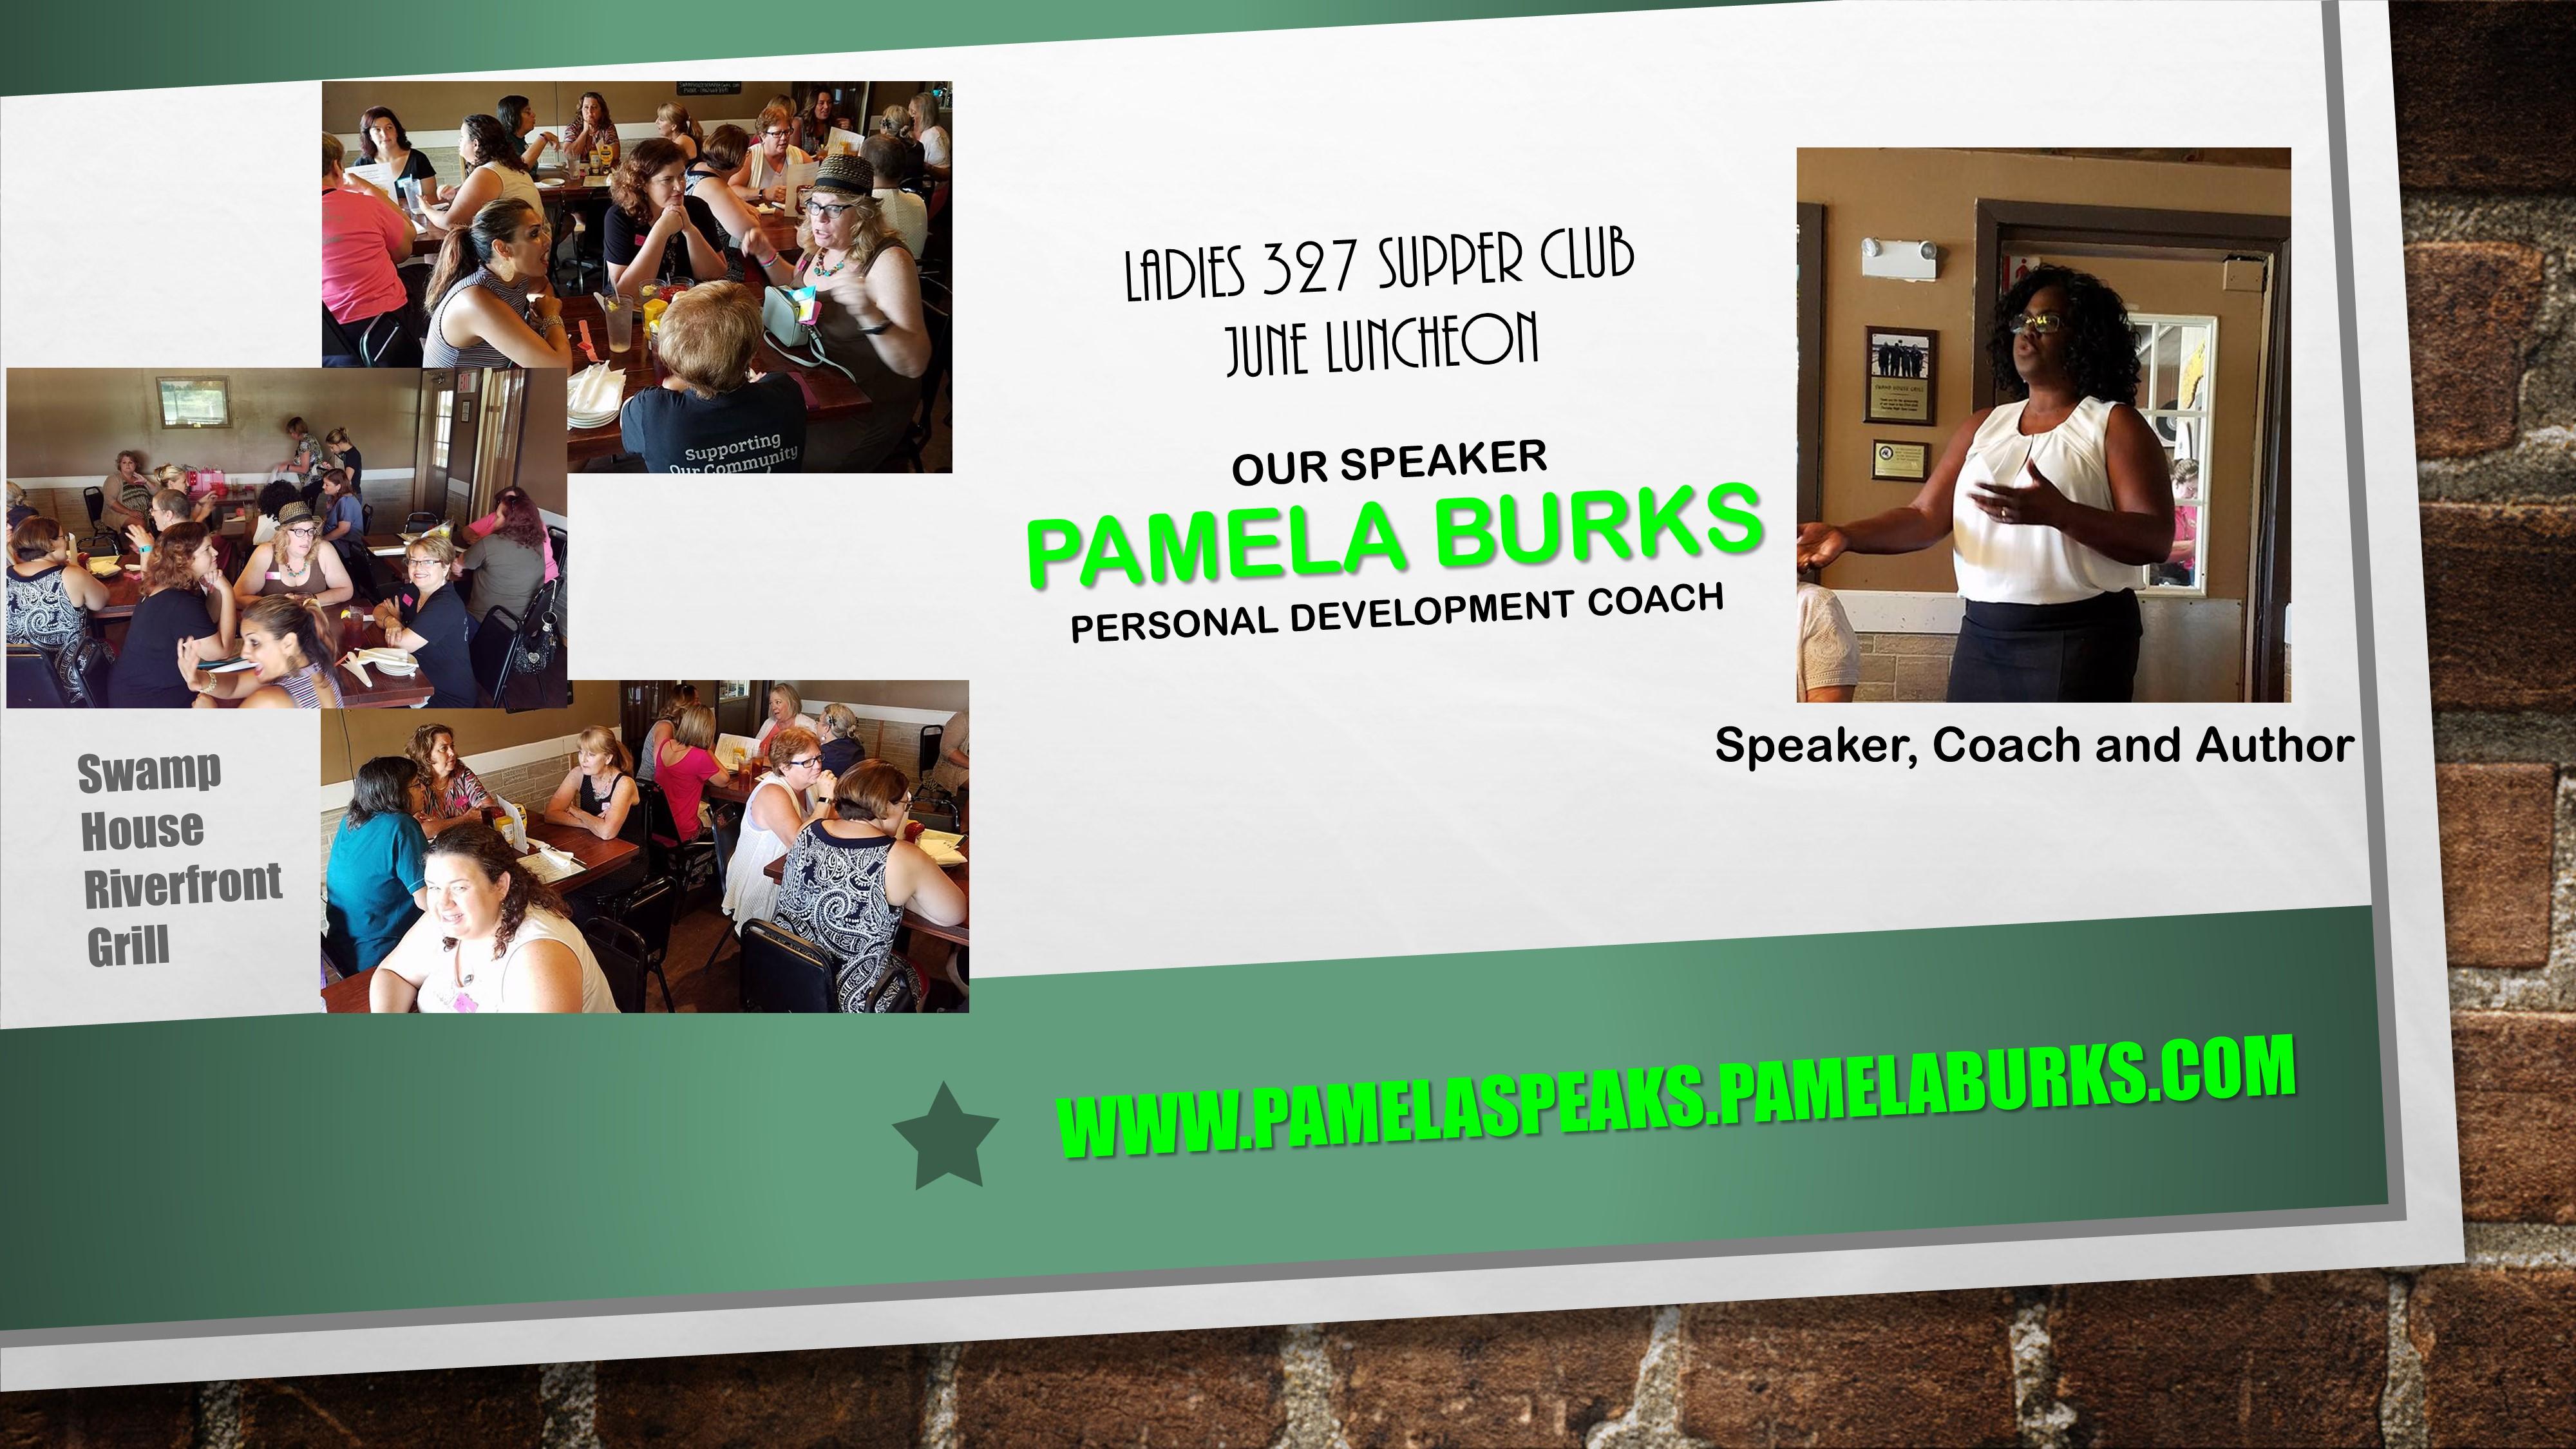 Ladies-327-Supper-Club Meeting - Keynote